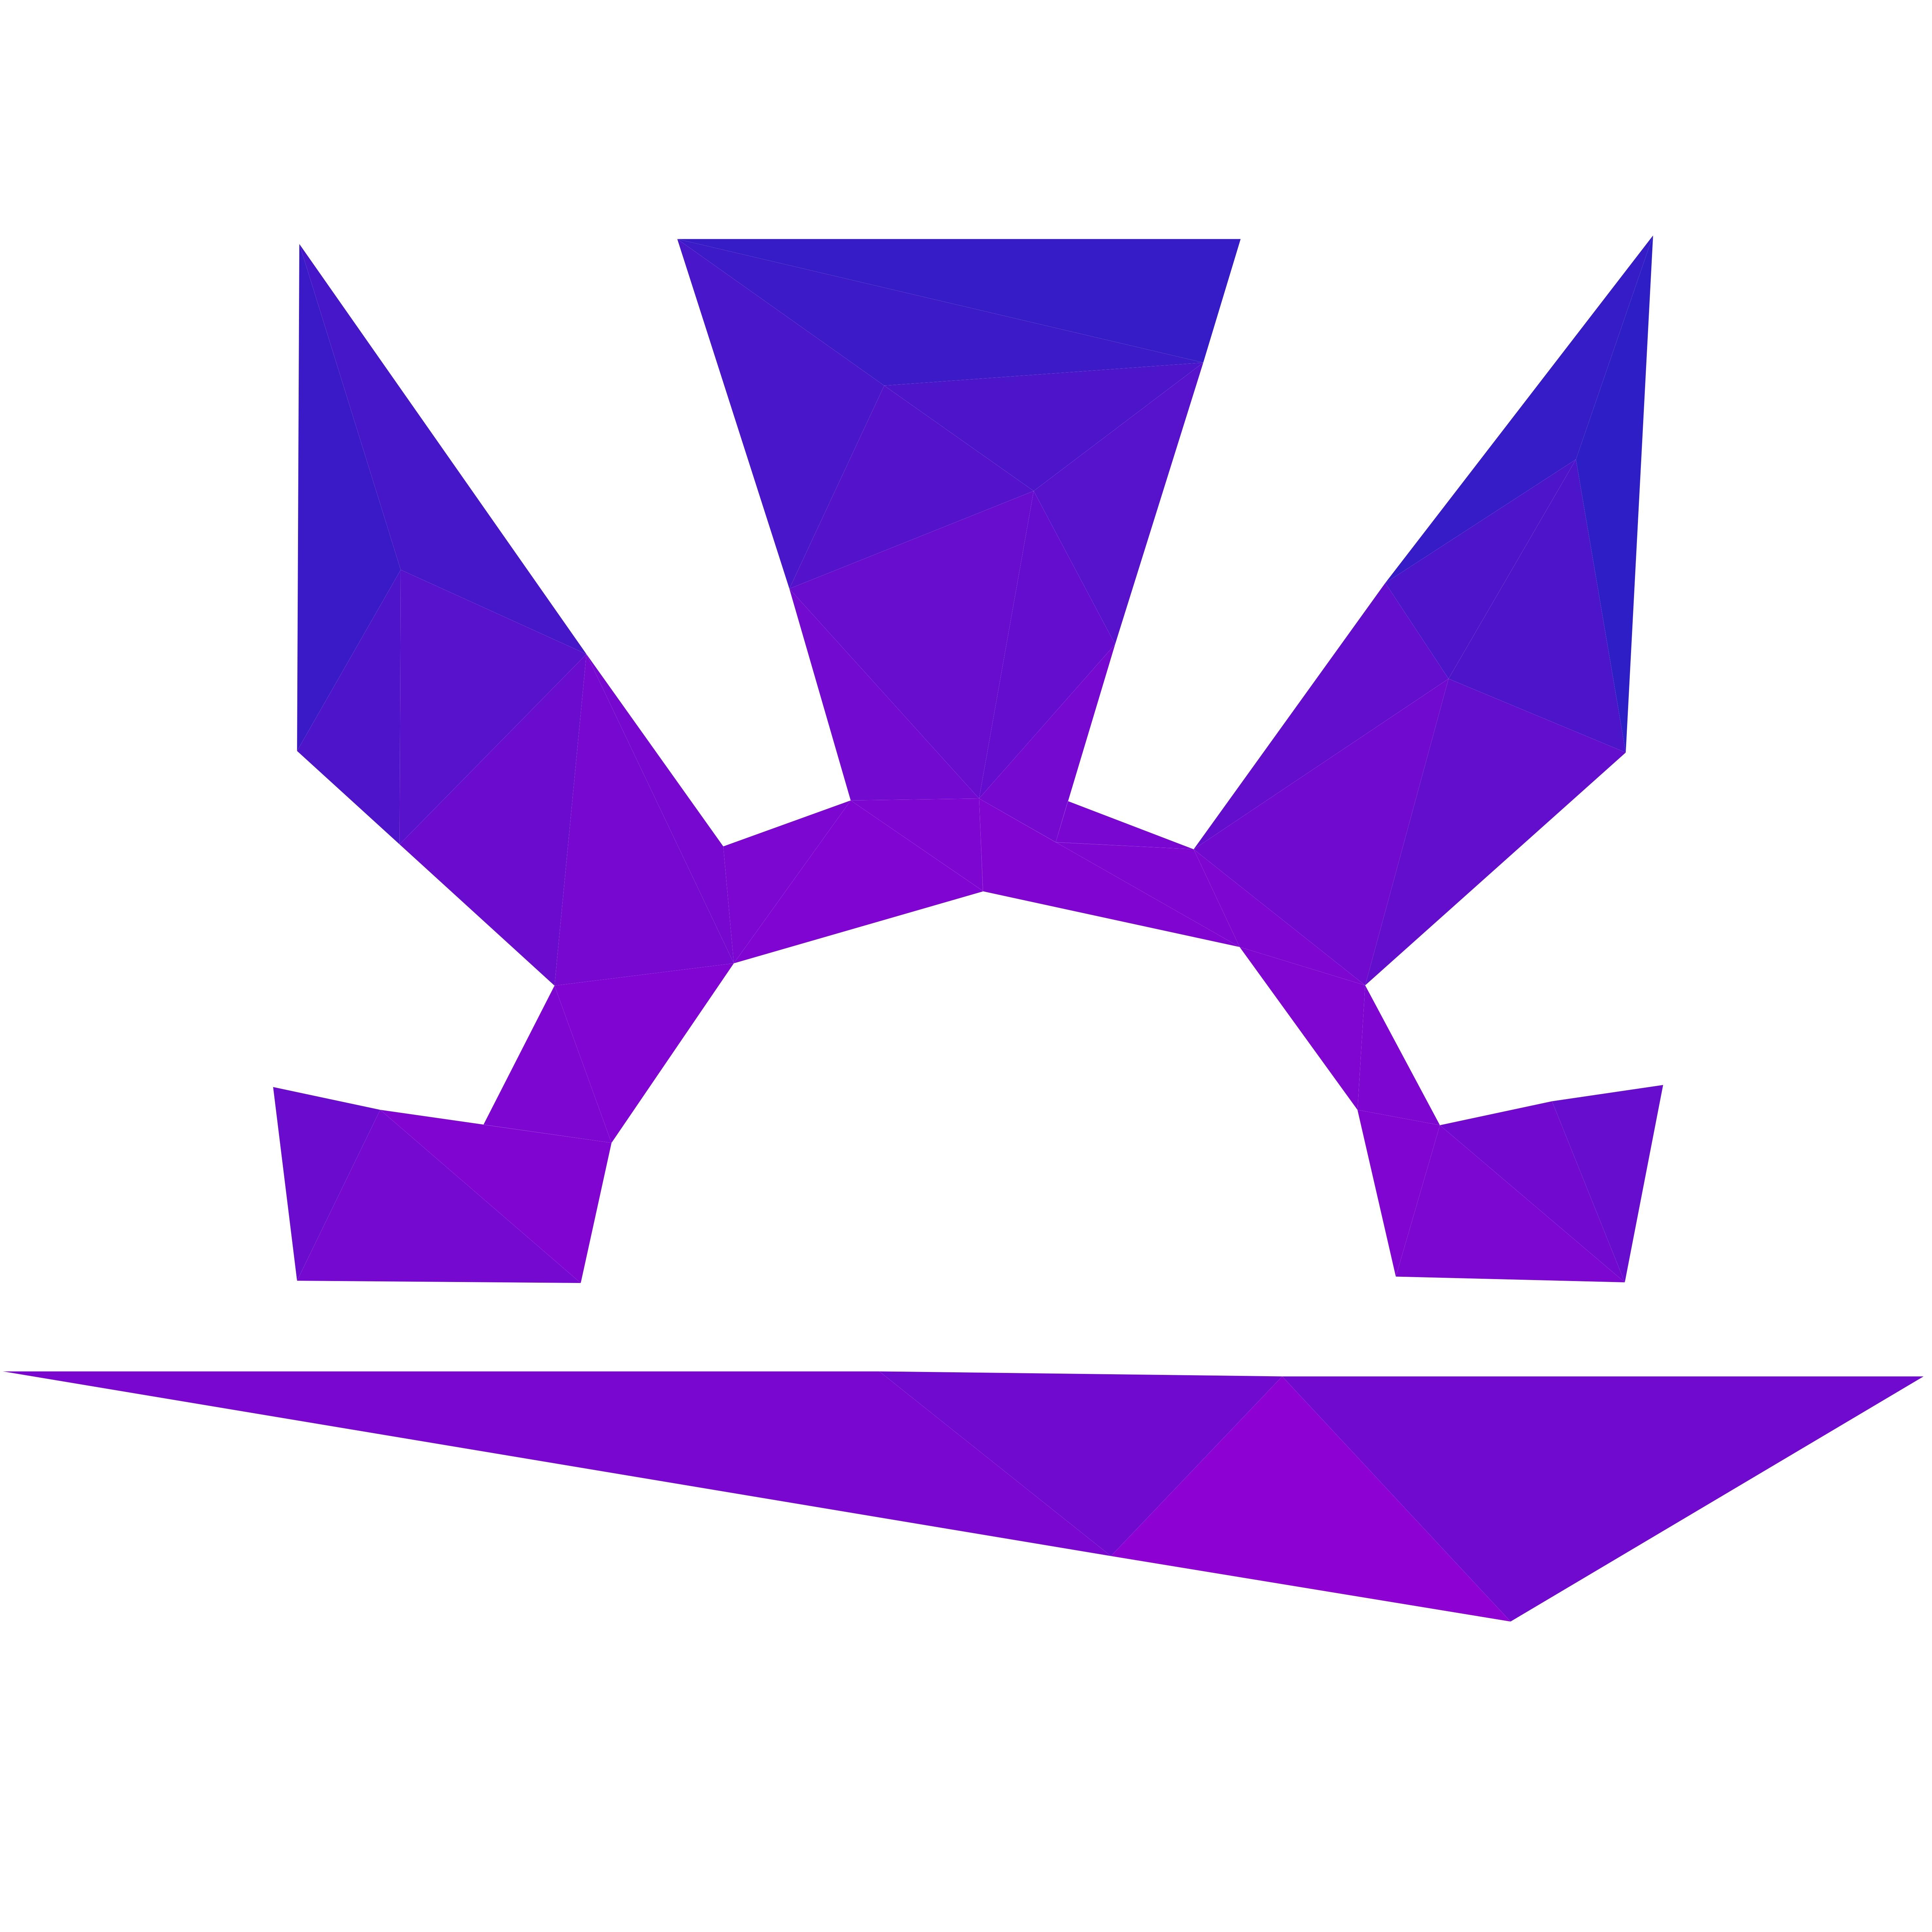 Редизайн / модернизация логотипа Центра недвижимости фото f_4335bc751b60866f.jpg